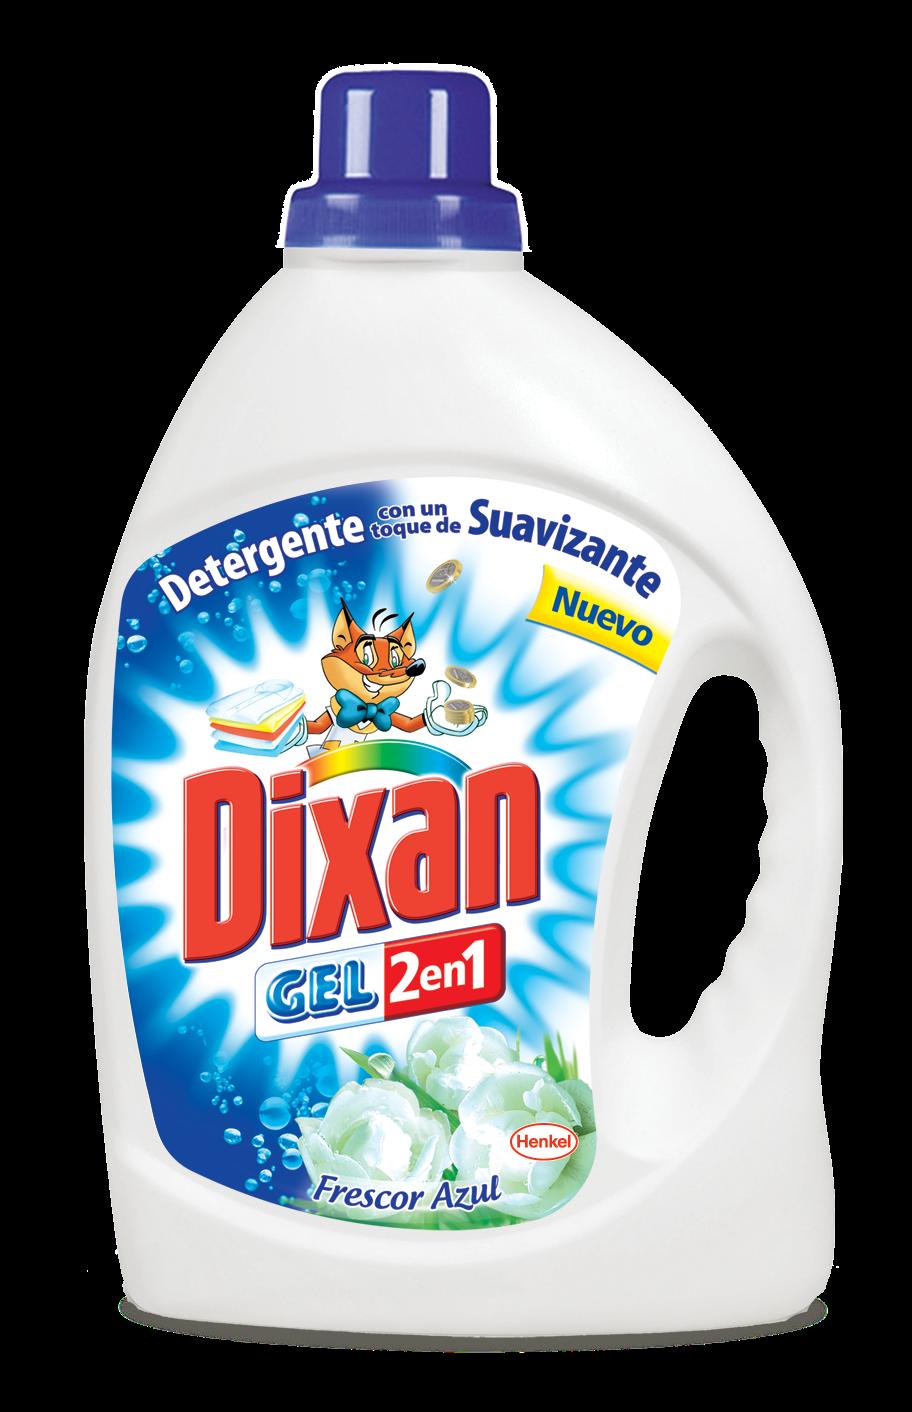 Resultado de imagen de detergente dixan